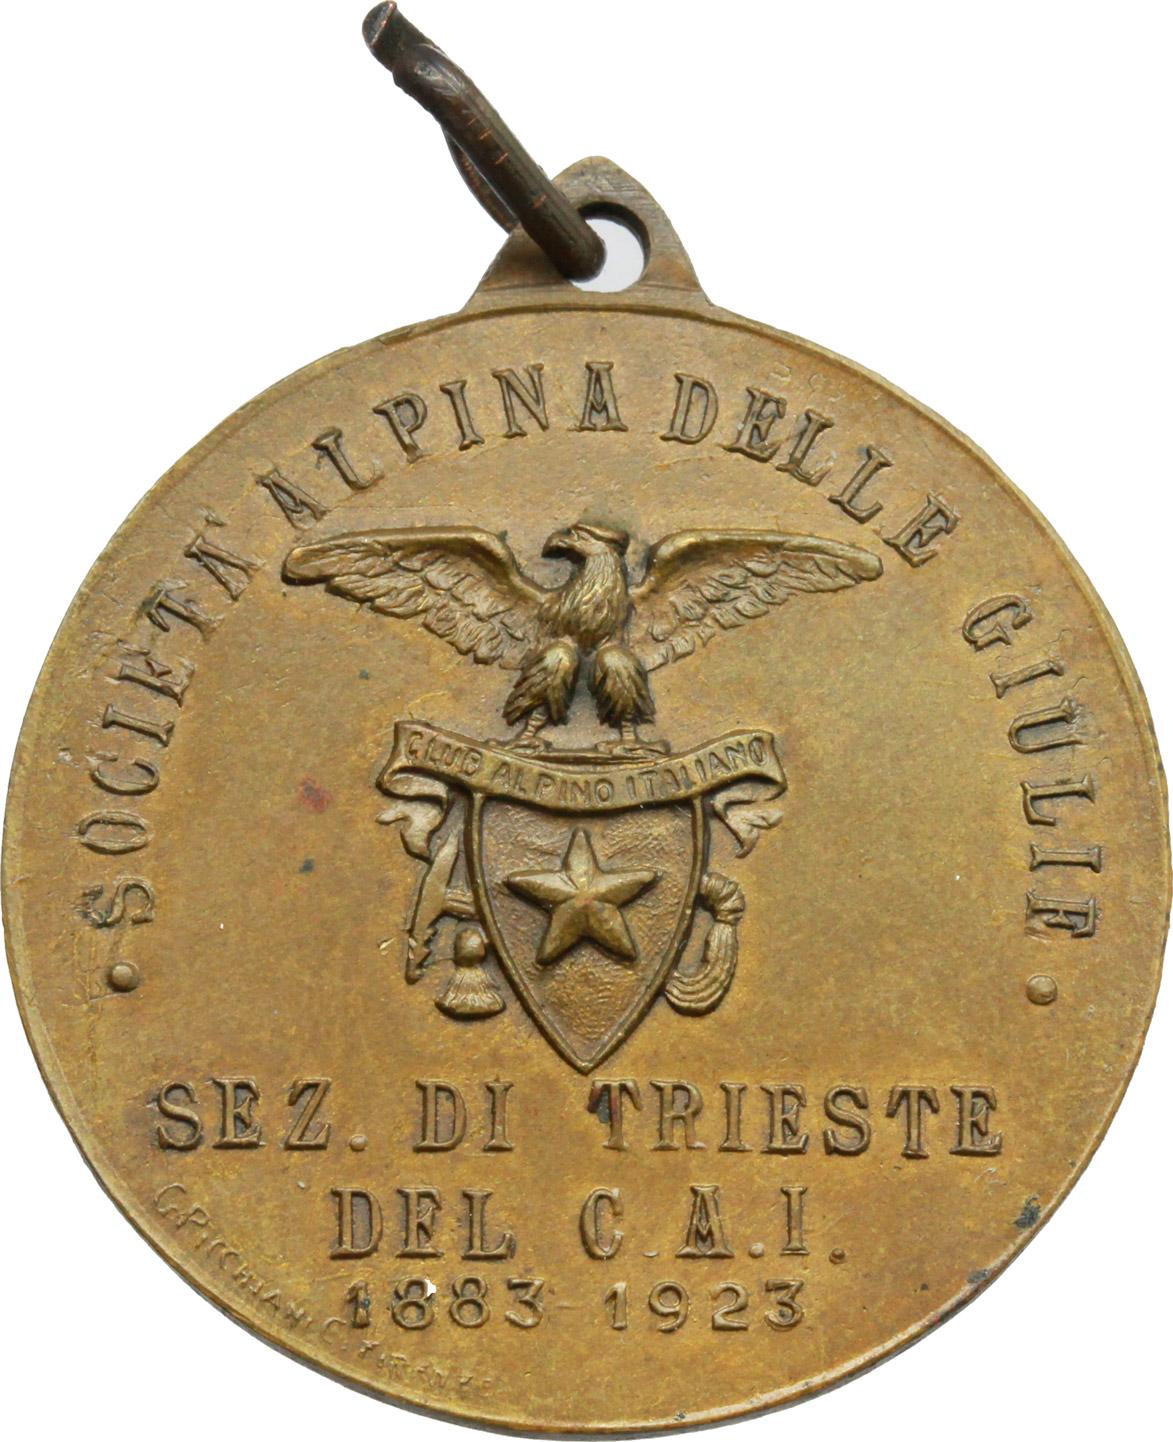 R/ Alpini. Medaglia Società Alpina delle Giulie, sez. di Trieste del C.A.I. 1883-1923. AE.  mm. 30.50 SPL.